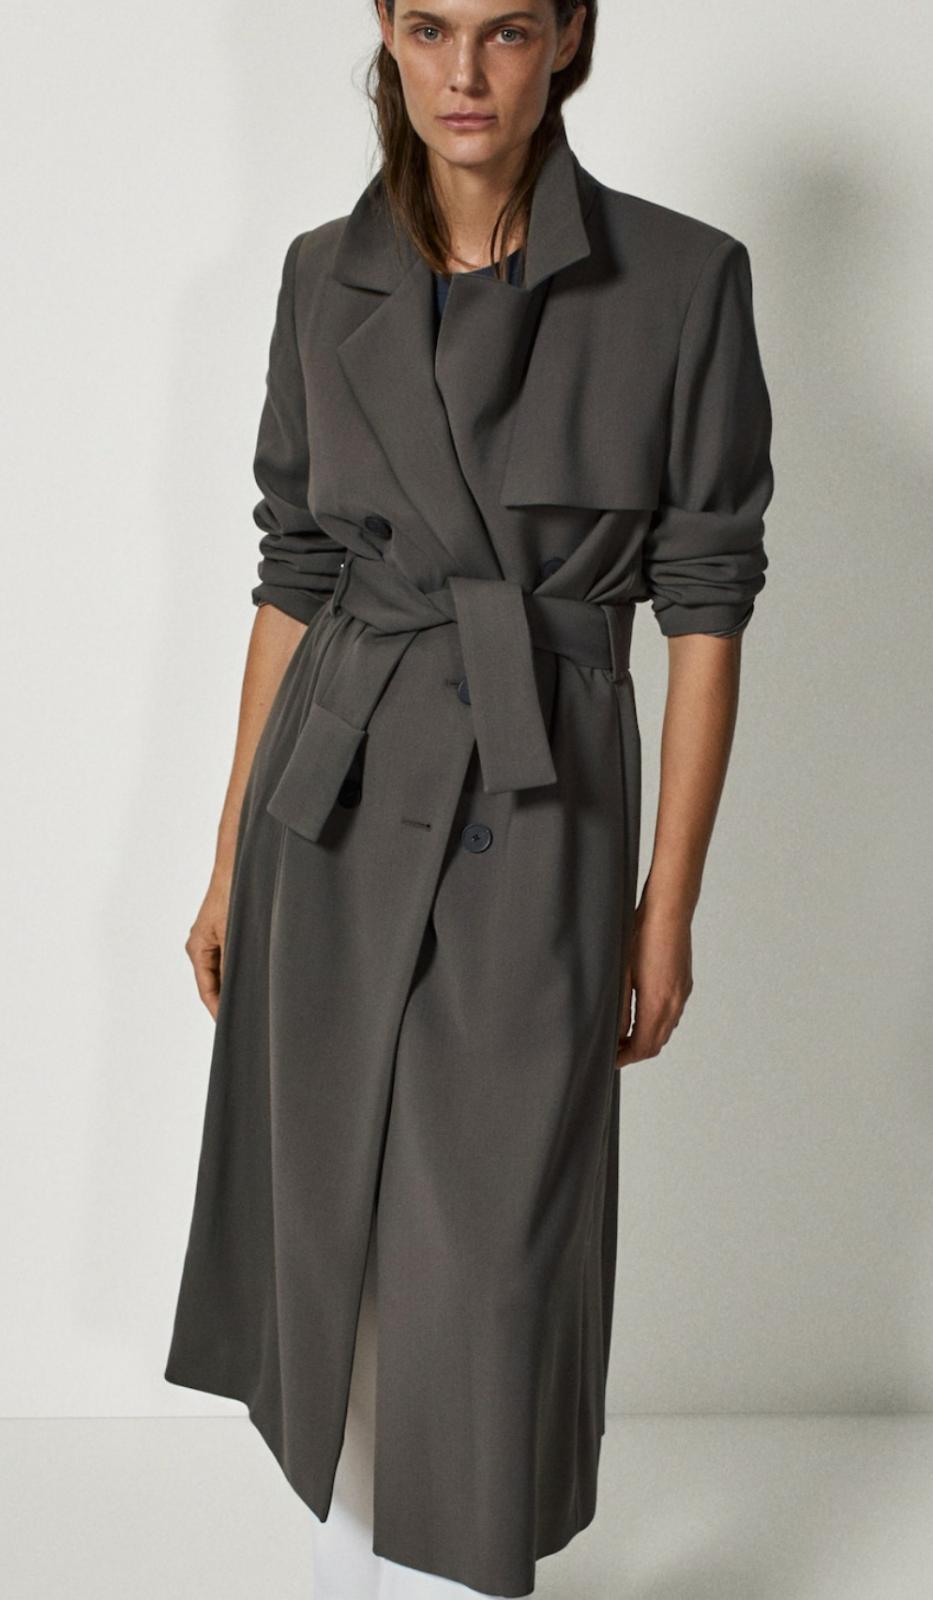 Gabardina de color gris oscuro con cinturón, de la colección Limited Edition, de Massimo Dutti (249€)